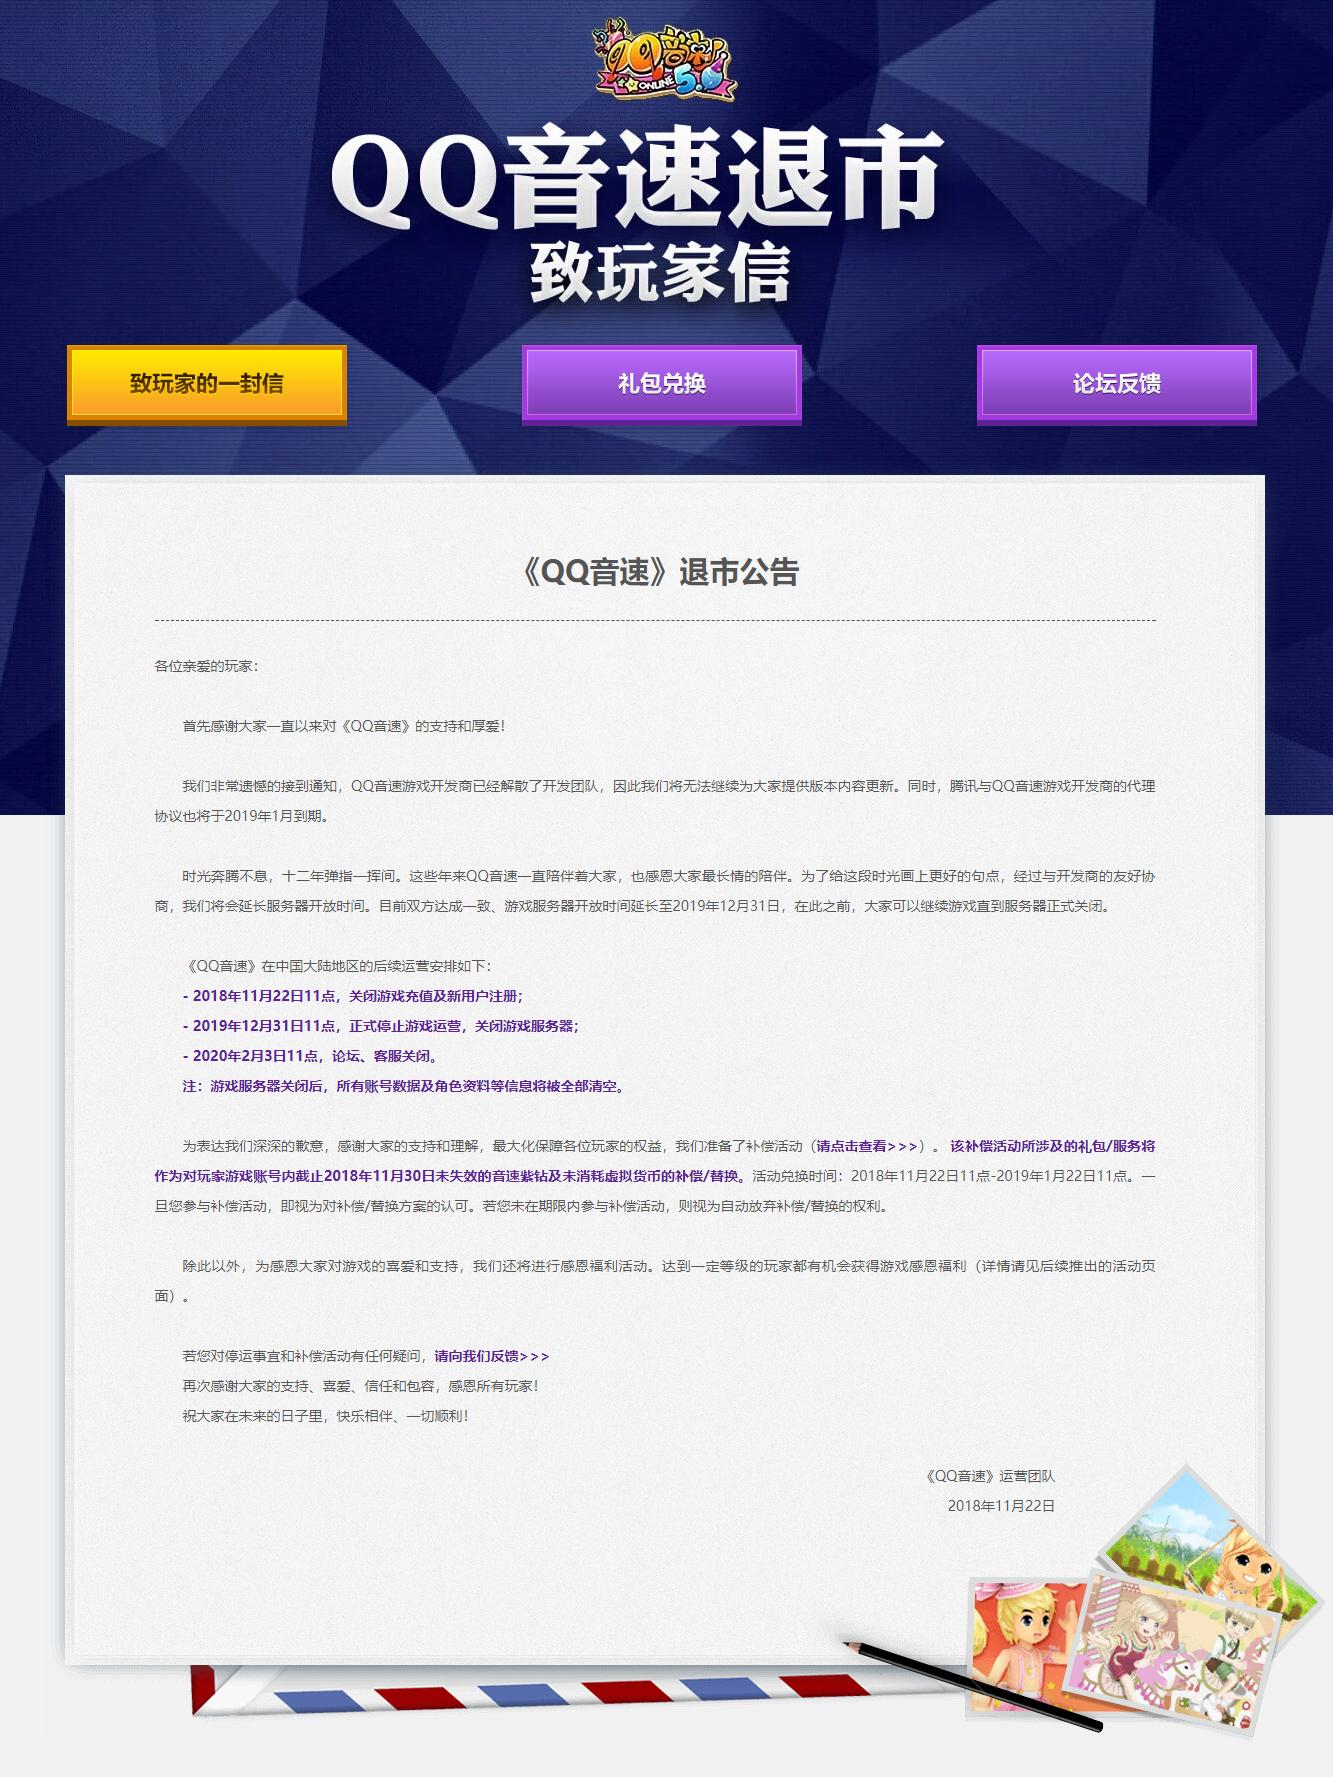 腾讯又一款游戏《QQ音速》宣布退市